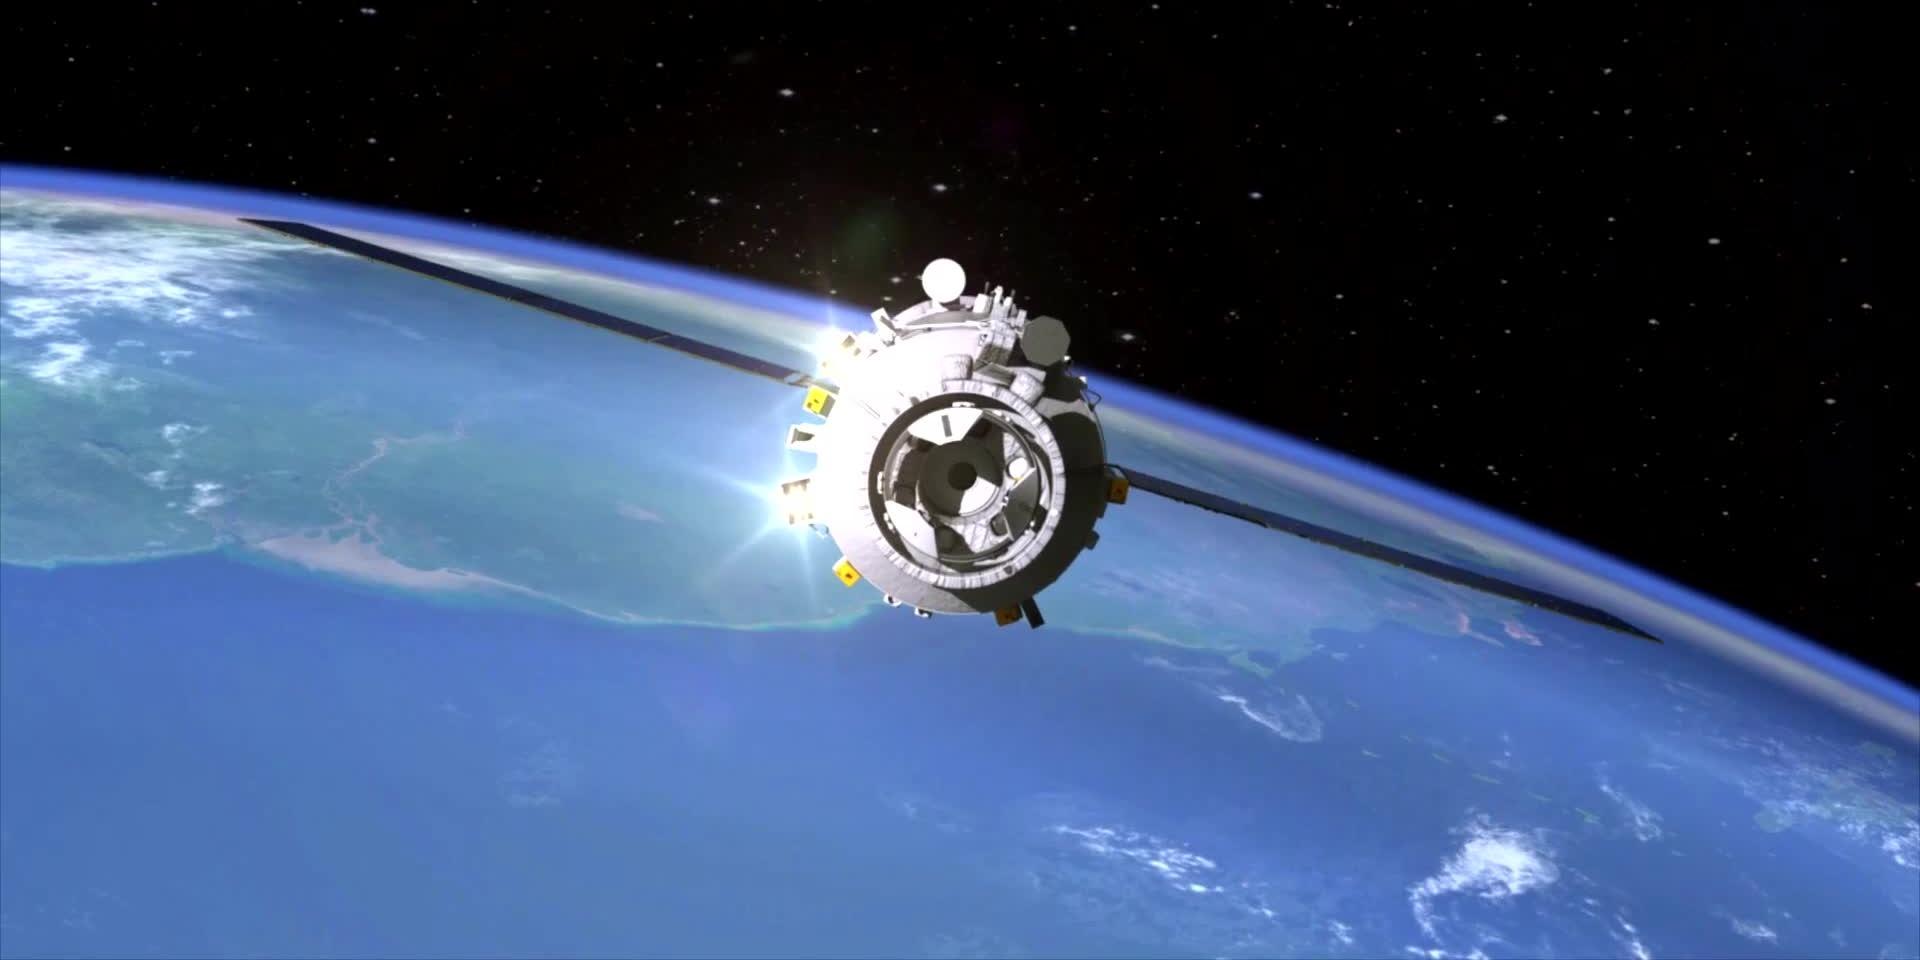 對接成功!90秒動畫全覽神十三載人飛行任務